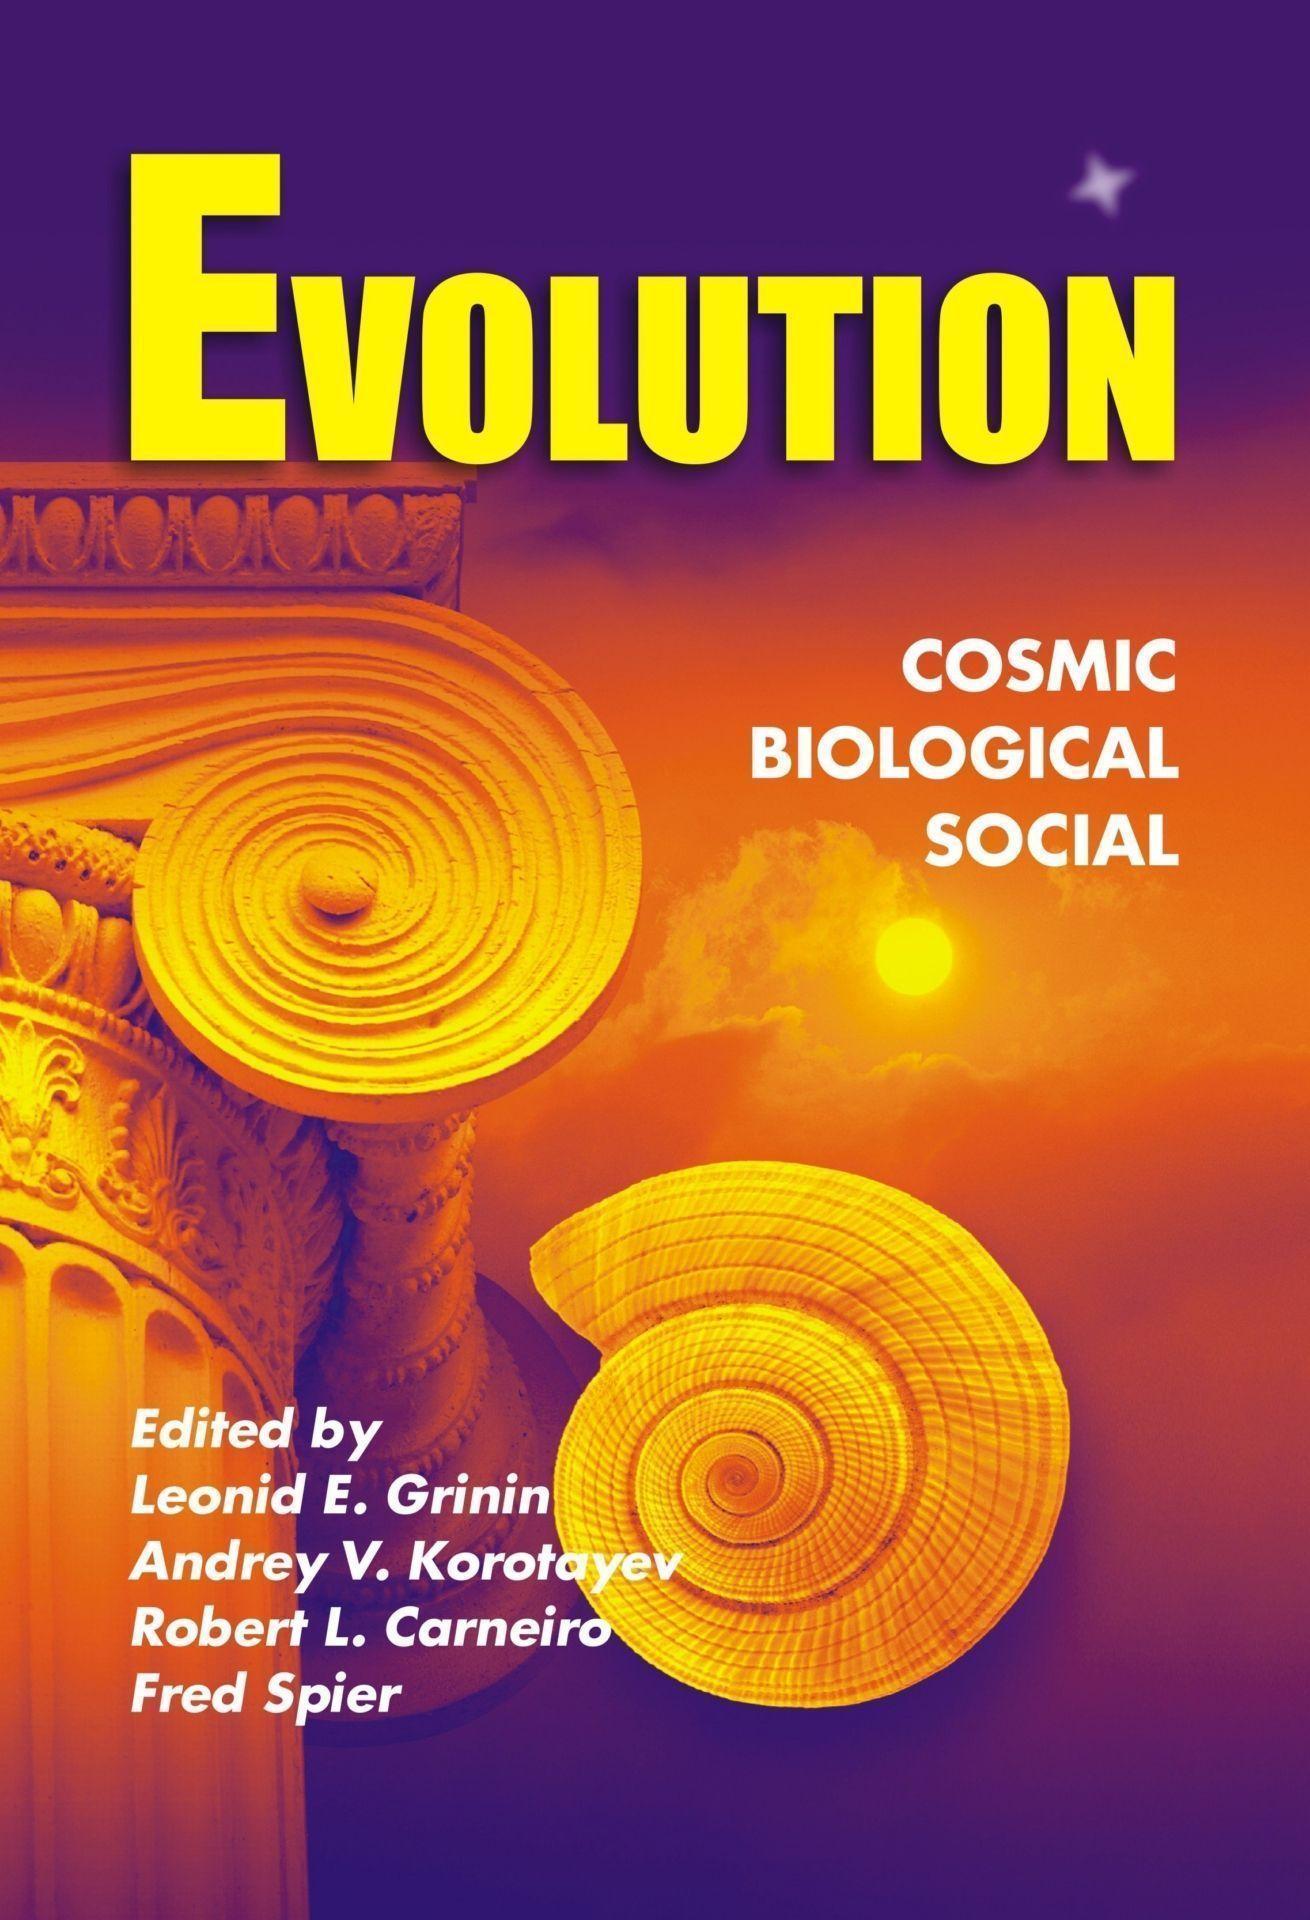 Evolution: Cosmic, Biological, and Social (Эволюция: Космическая, биологическая и социальная. Альманах на английском языке)Альманахи<br>Этим выпуском начинается серия альманахов с общим названием Эволюция, вокруг которых планируется объединить исследователей, работающих во всех областях эволюционистики. Известна продуктивность междисциплинарных исследований, и одной из самых плодотворны...<br><br>Авторы: Grinin Leonid, Korotayev Andrey, Carneiro Robert, Spier Fred<br>Год: 2011<br>Серия: Для студентов и преподавателей<br>ISBN: 978-5-7057-2784-1<br>Высота: 210<br>Ширина: 140<br>Переплёт: мягкая, склейка